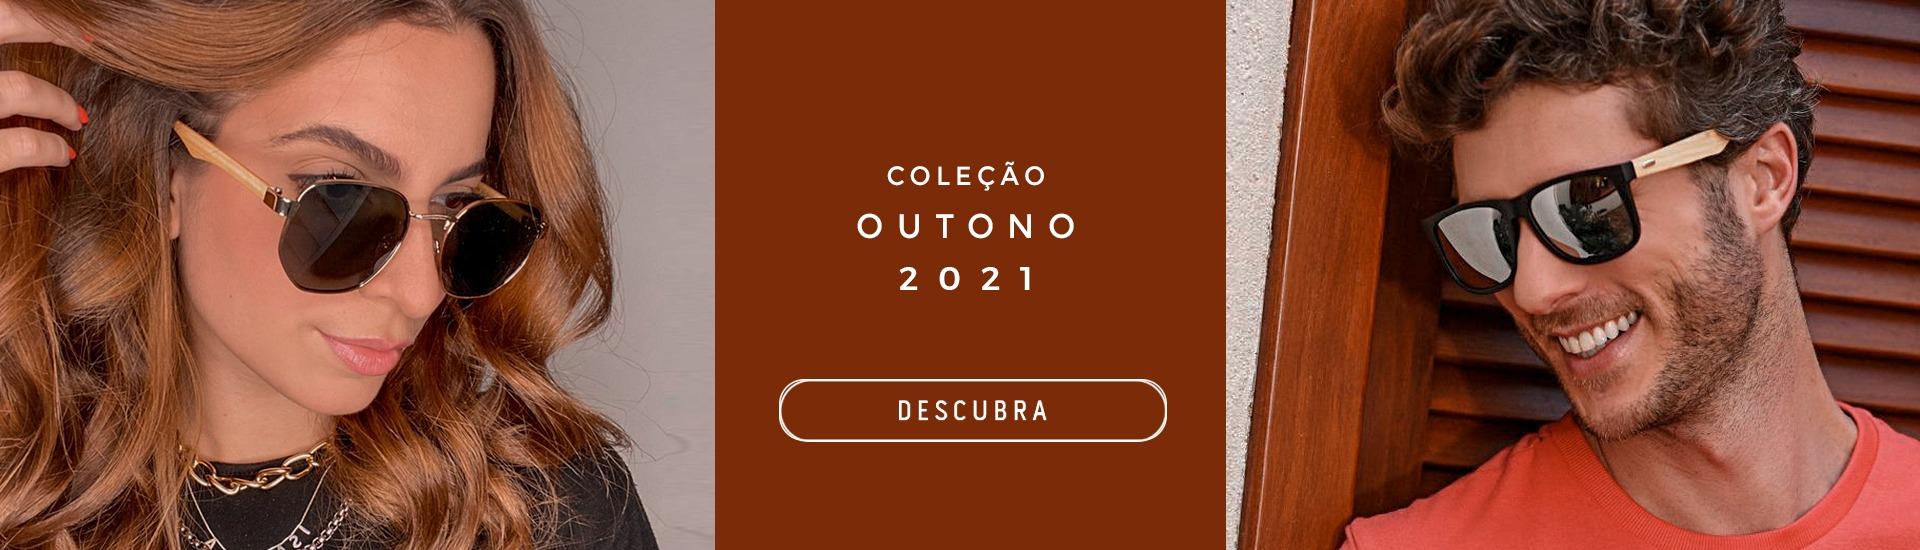 Outono 2021